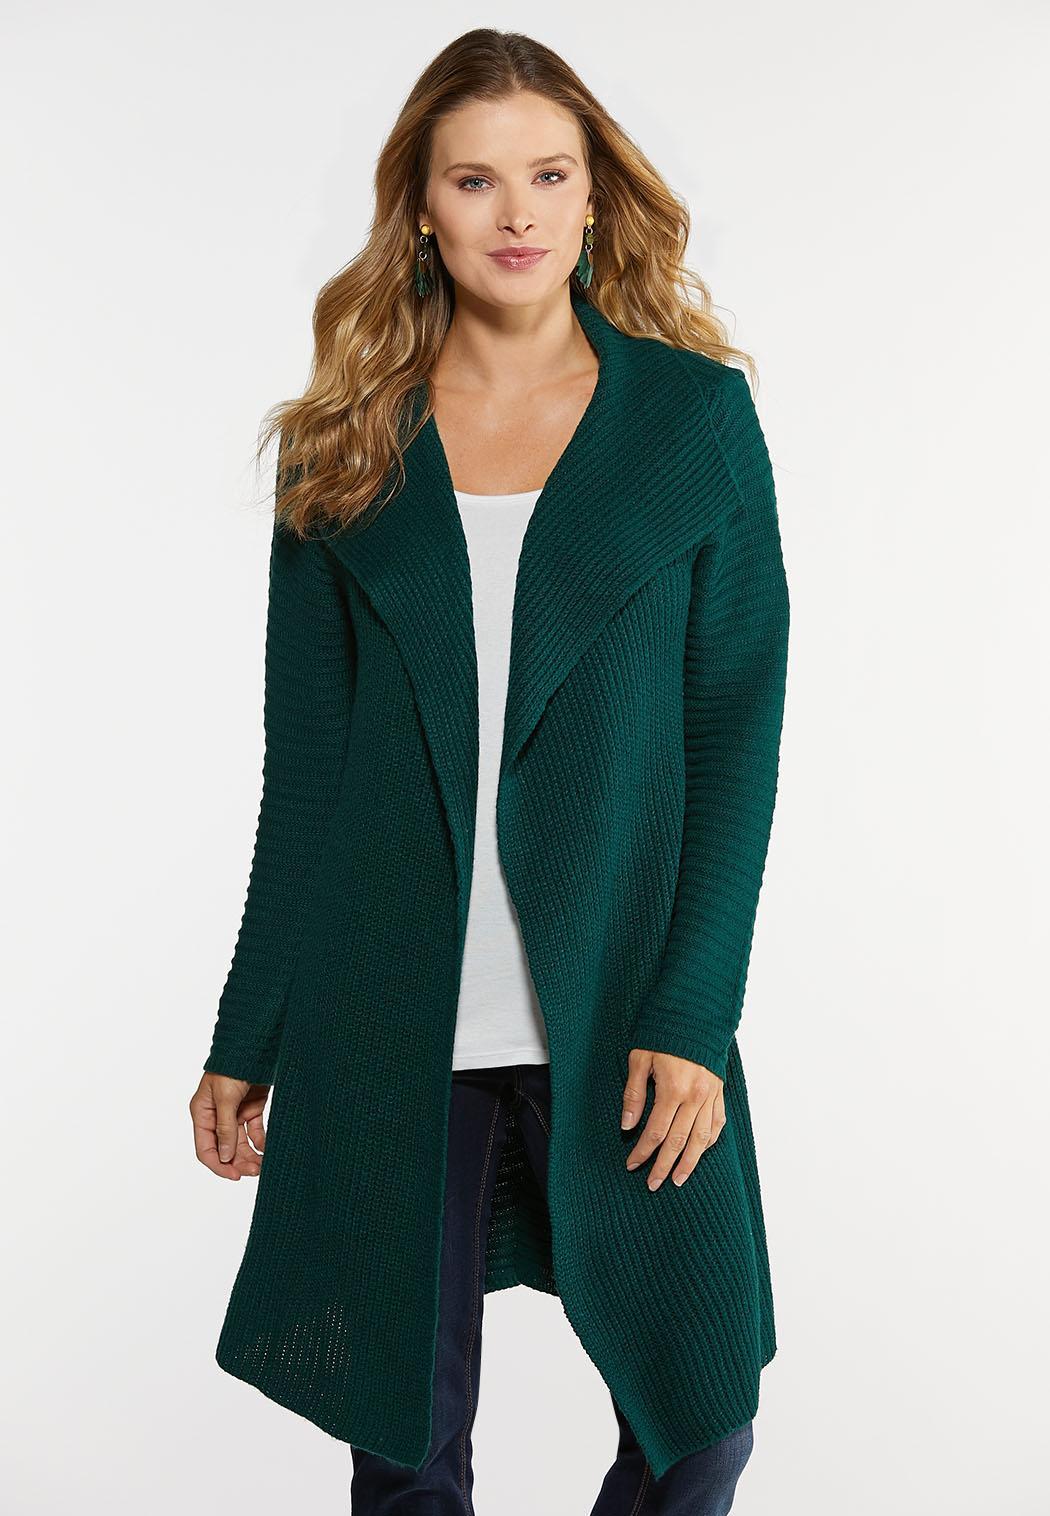 Plus Size Knit Yarn Cardigan